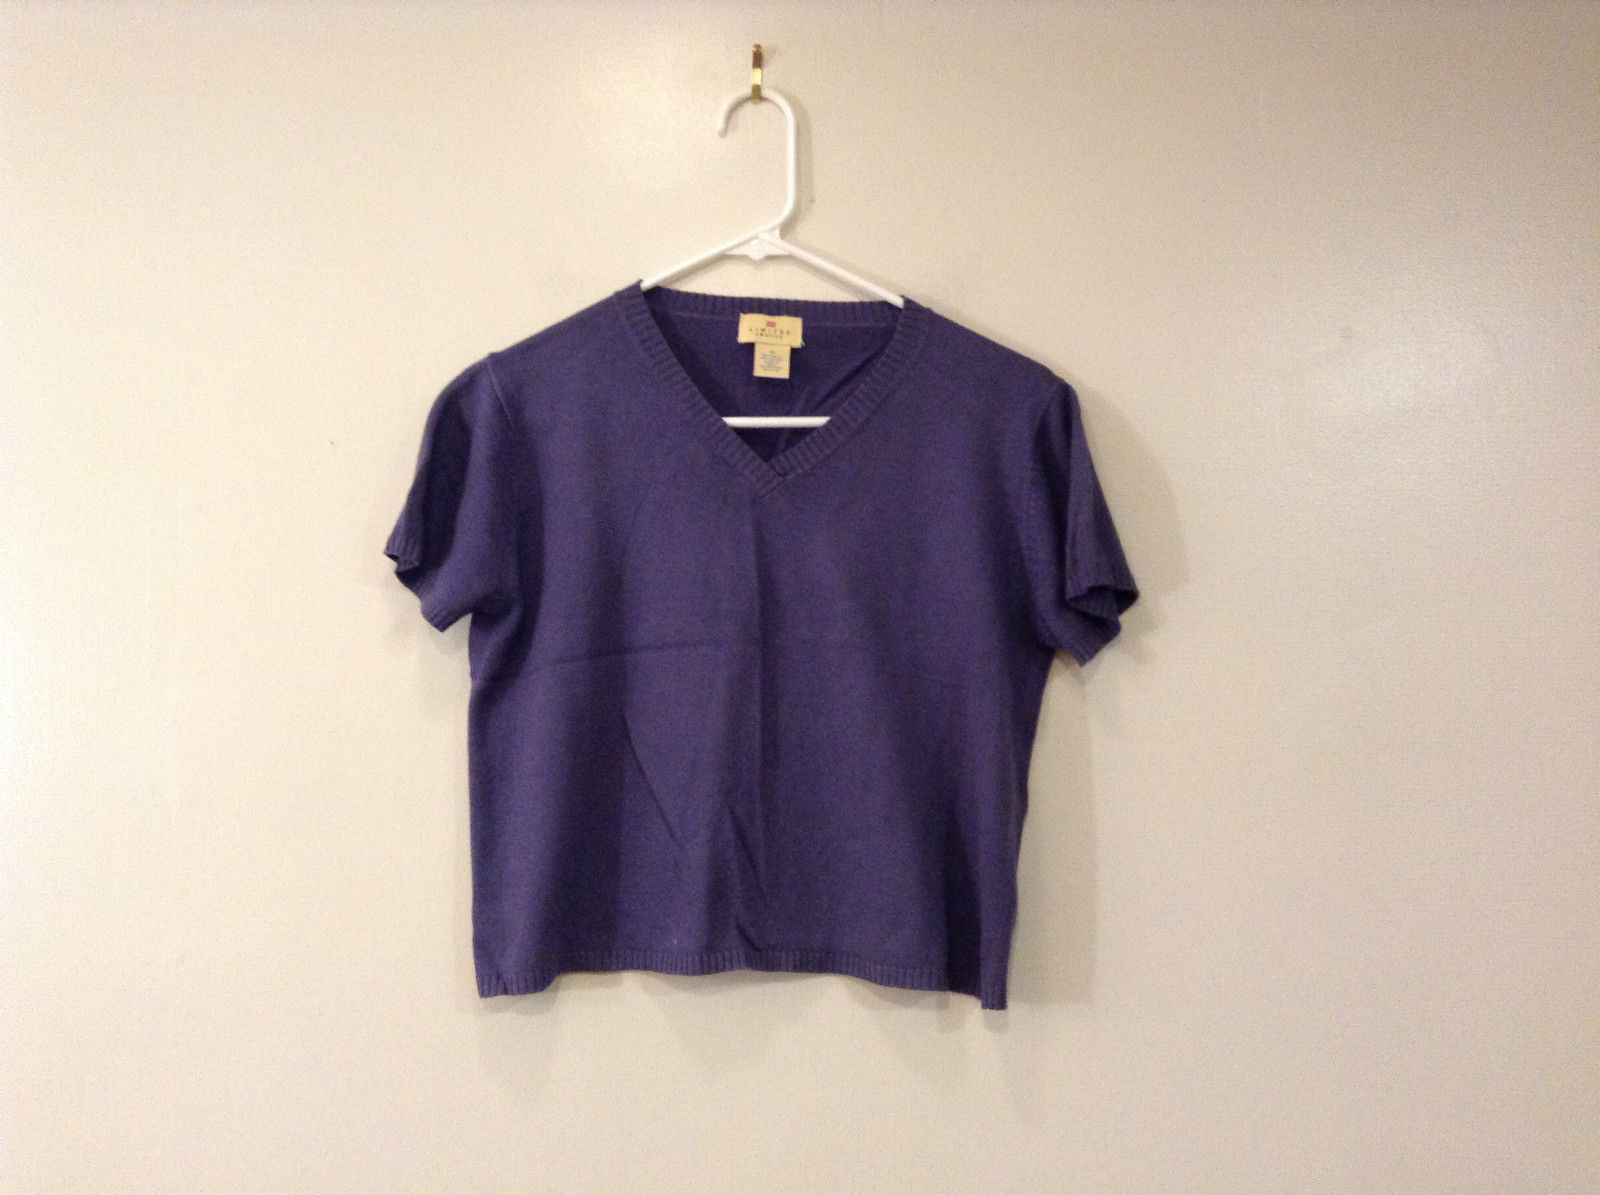 Limited America Short Sleeve Blue Violet V Neck Top Size Medium